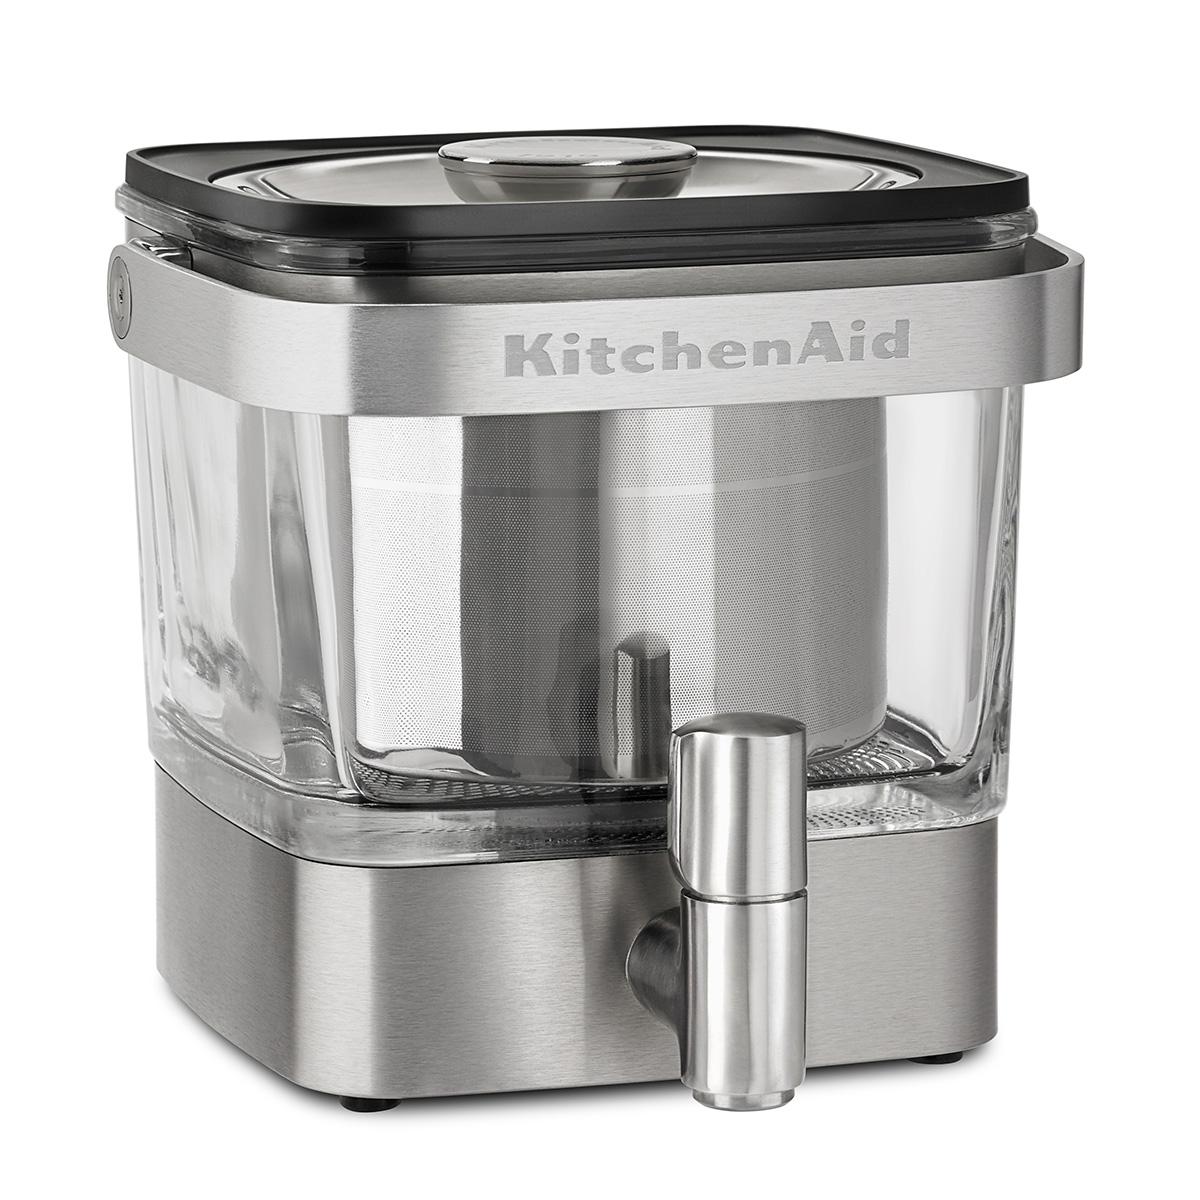 Image of   KitchenAid koldbrygger til kaffe og te